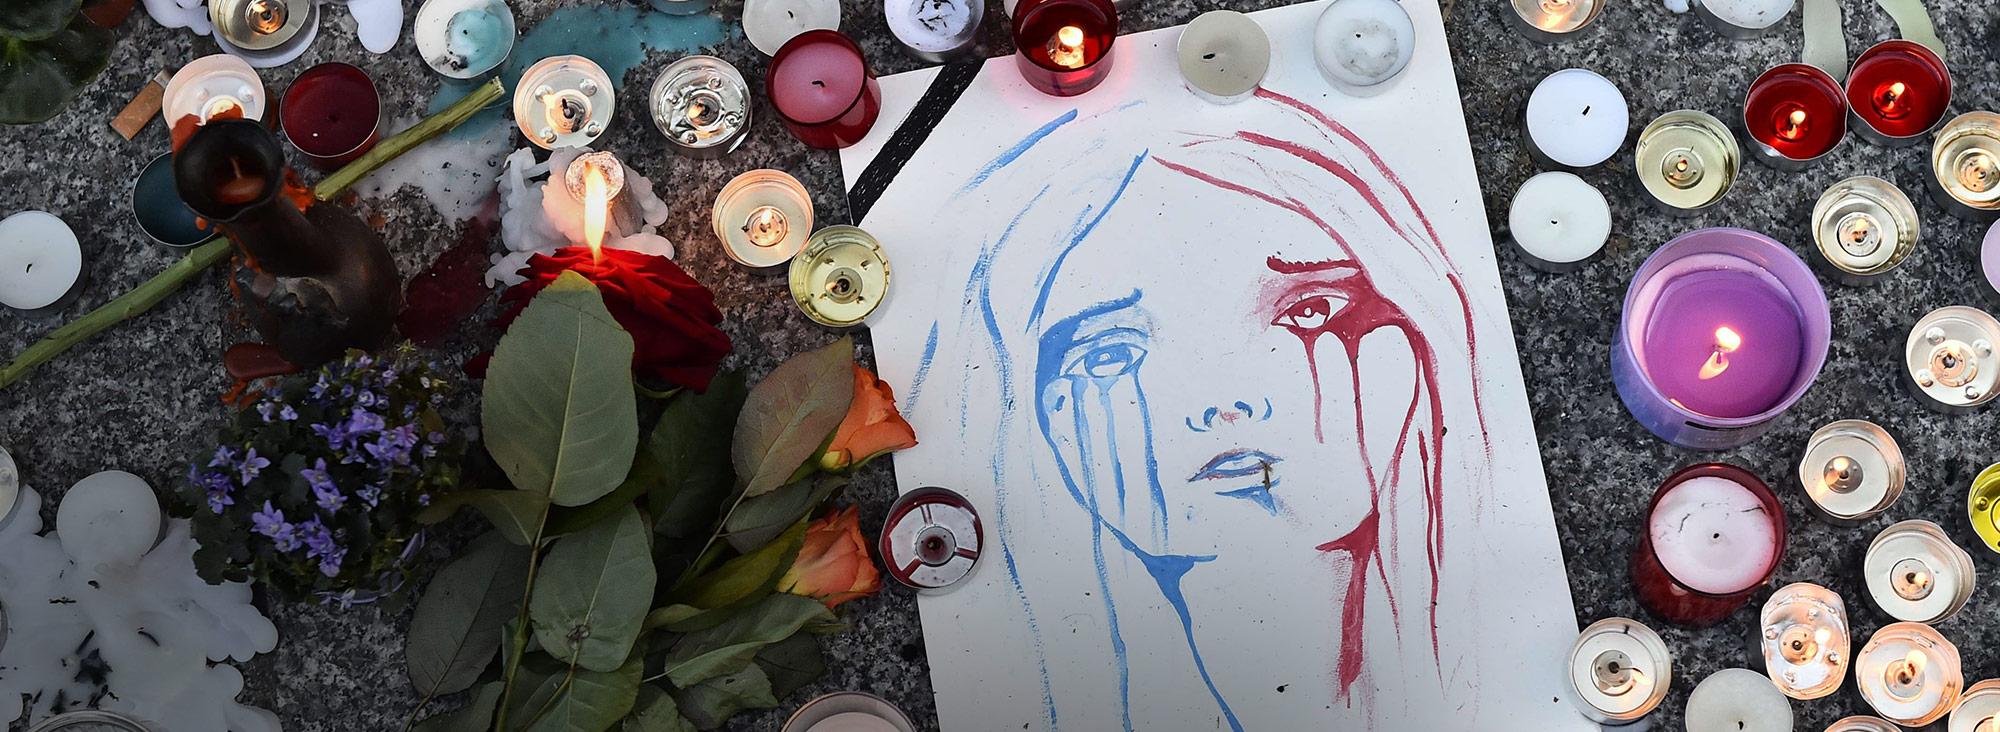 Las redes sociales reaccionaron por el atento en París y crearon varios hashtag como: #PrayForParis